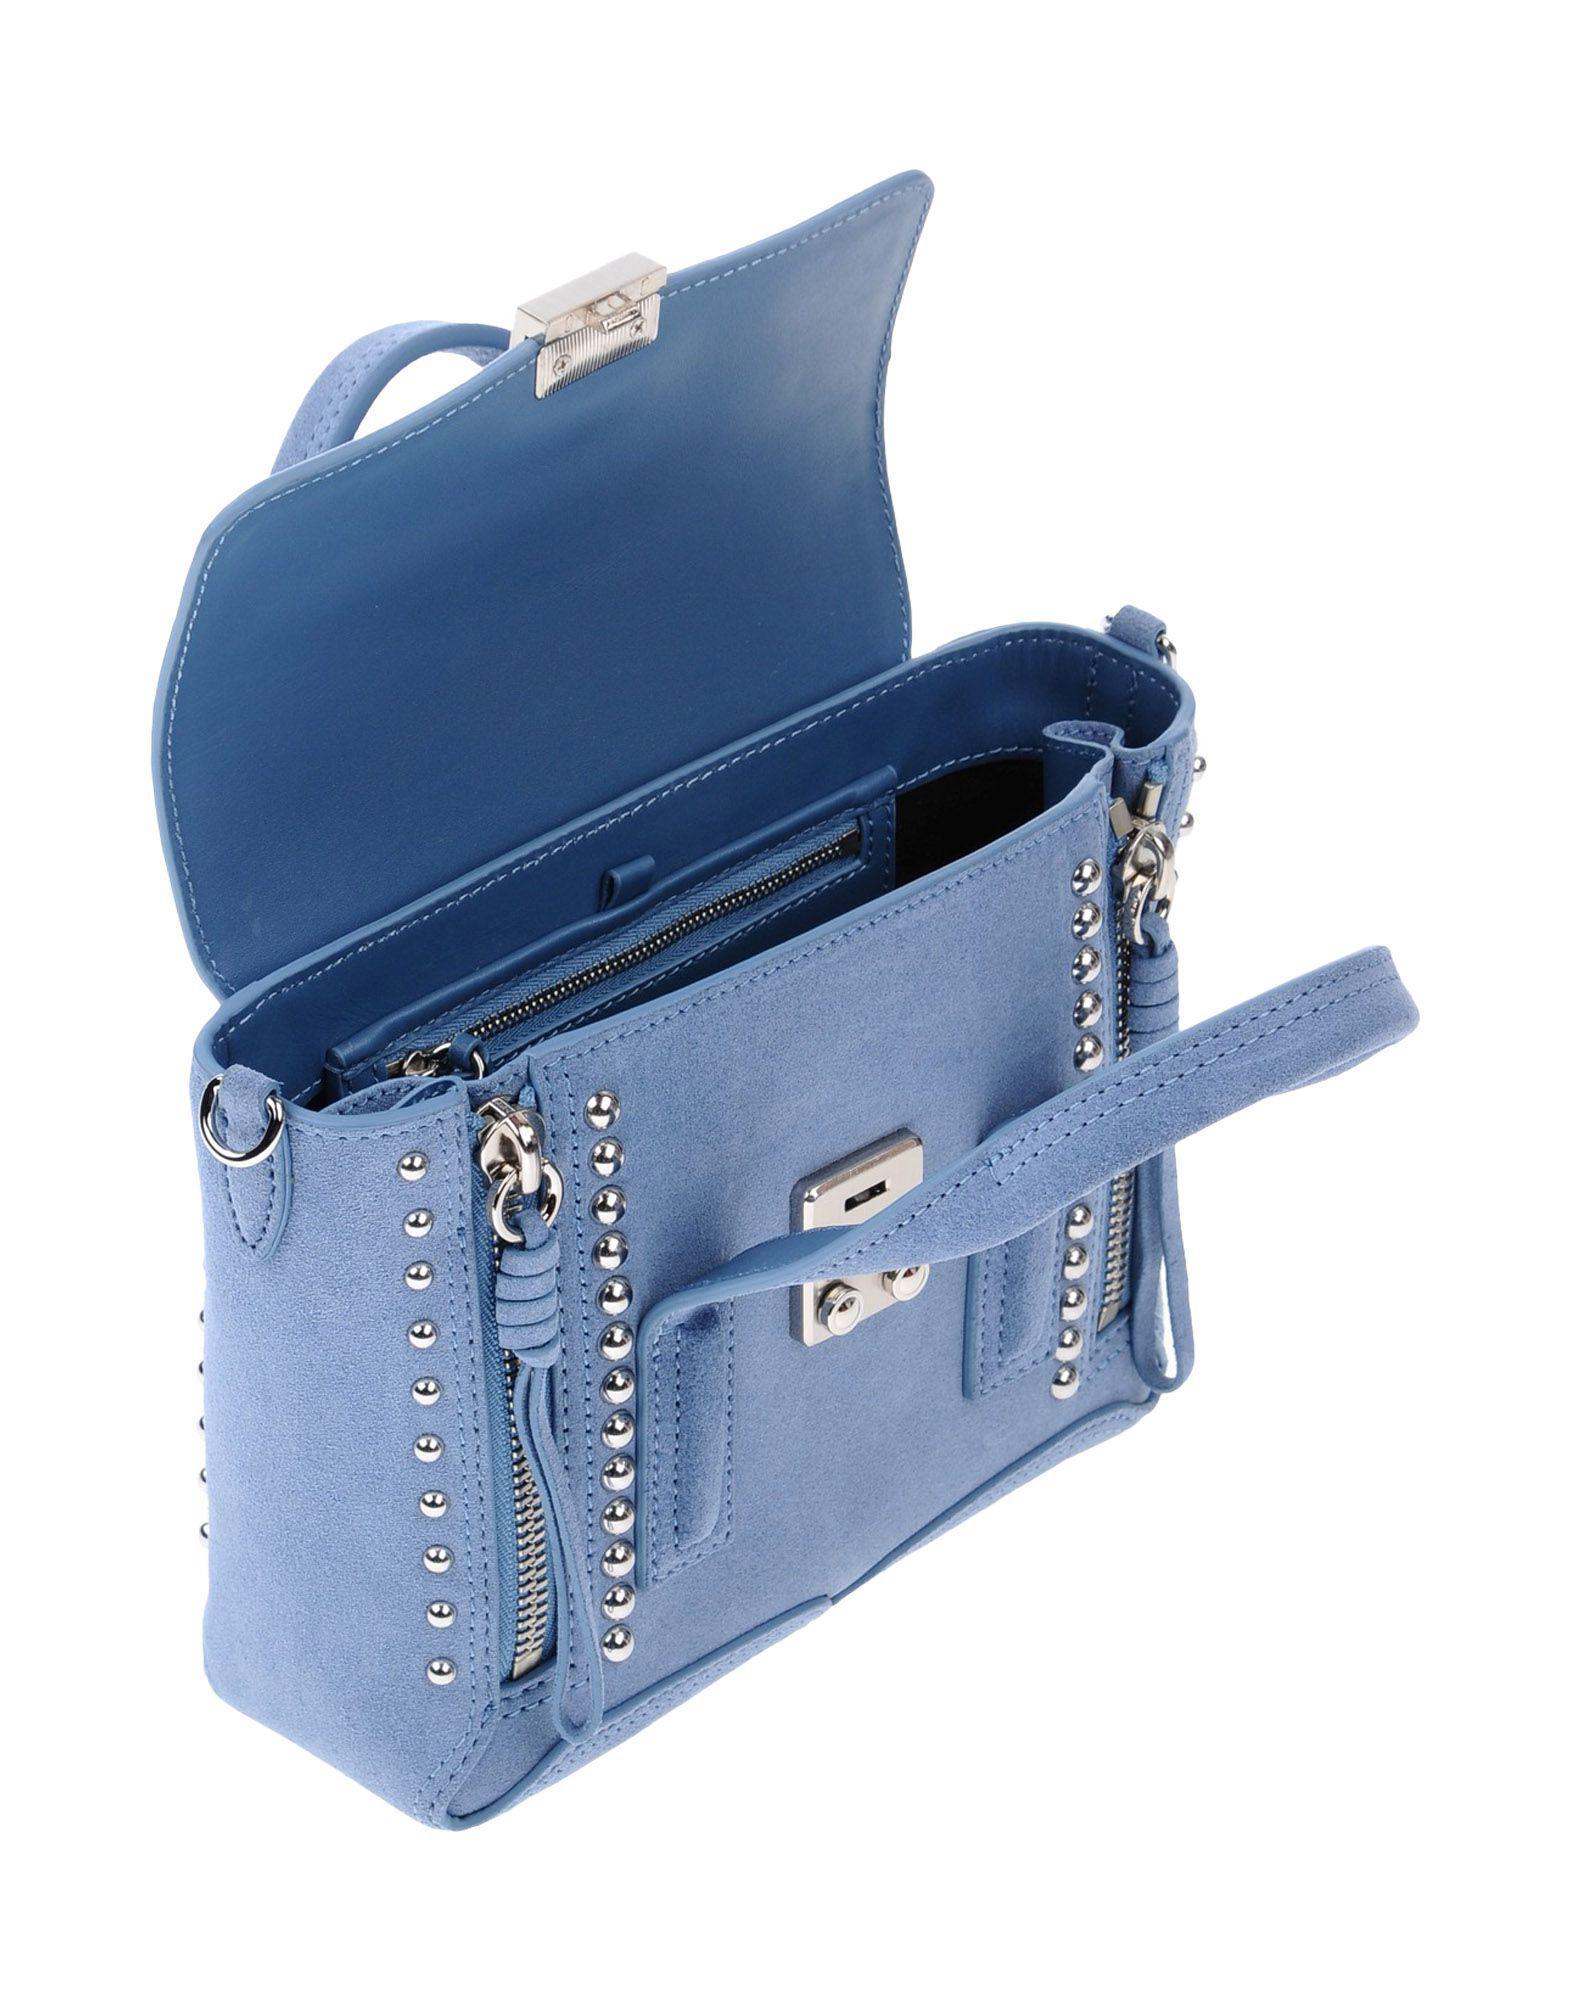 3.1 Phillip Lim Leder Handtaschen in Blau 05wG1